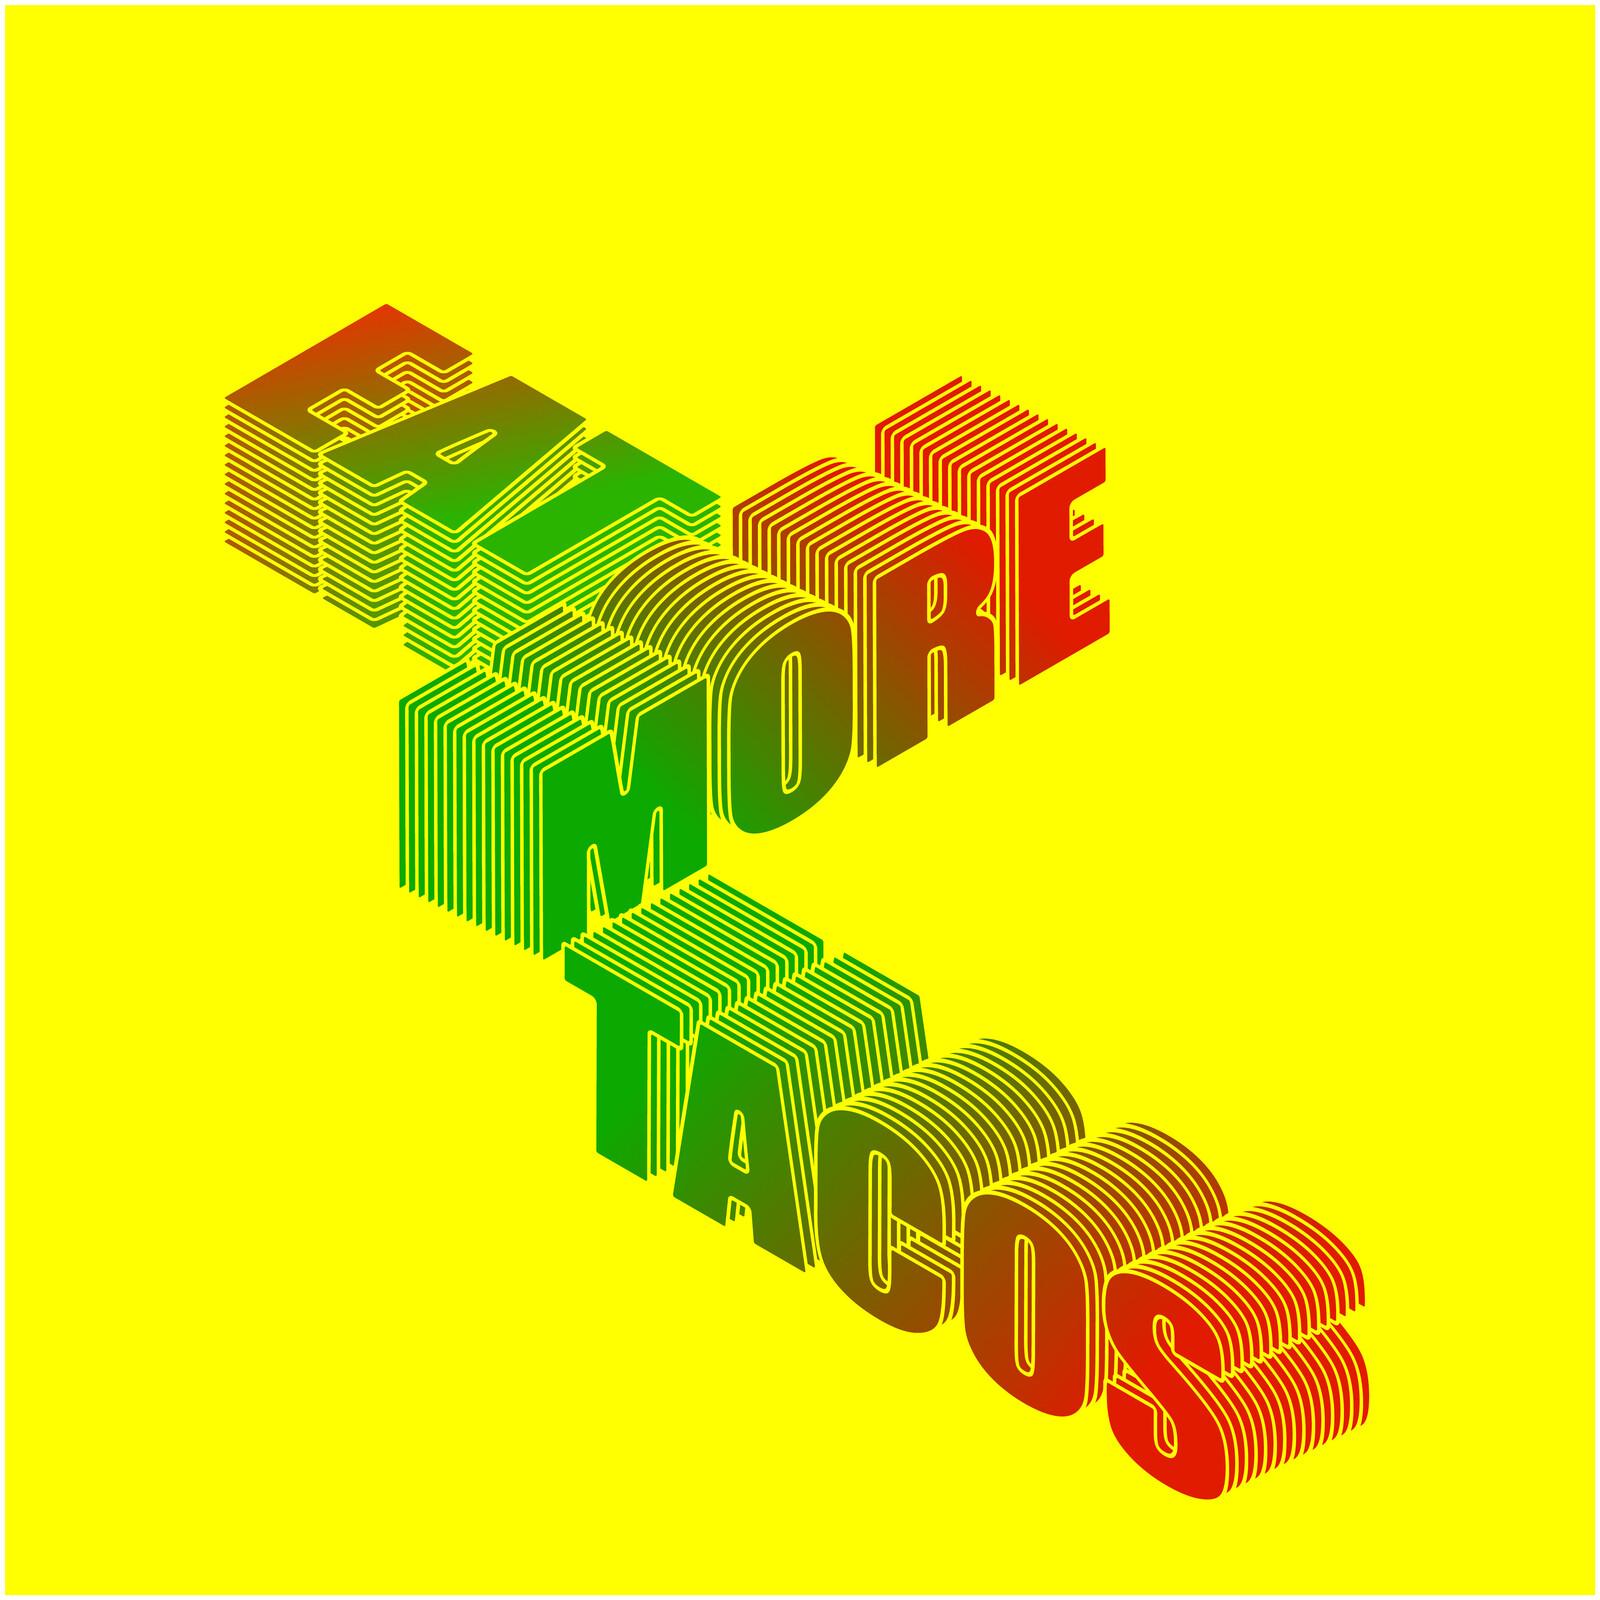 Eat More Tacos logo and shirt design idea